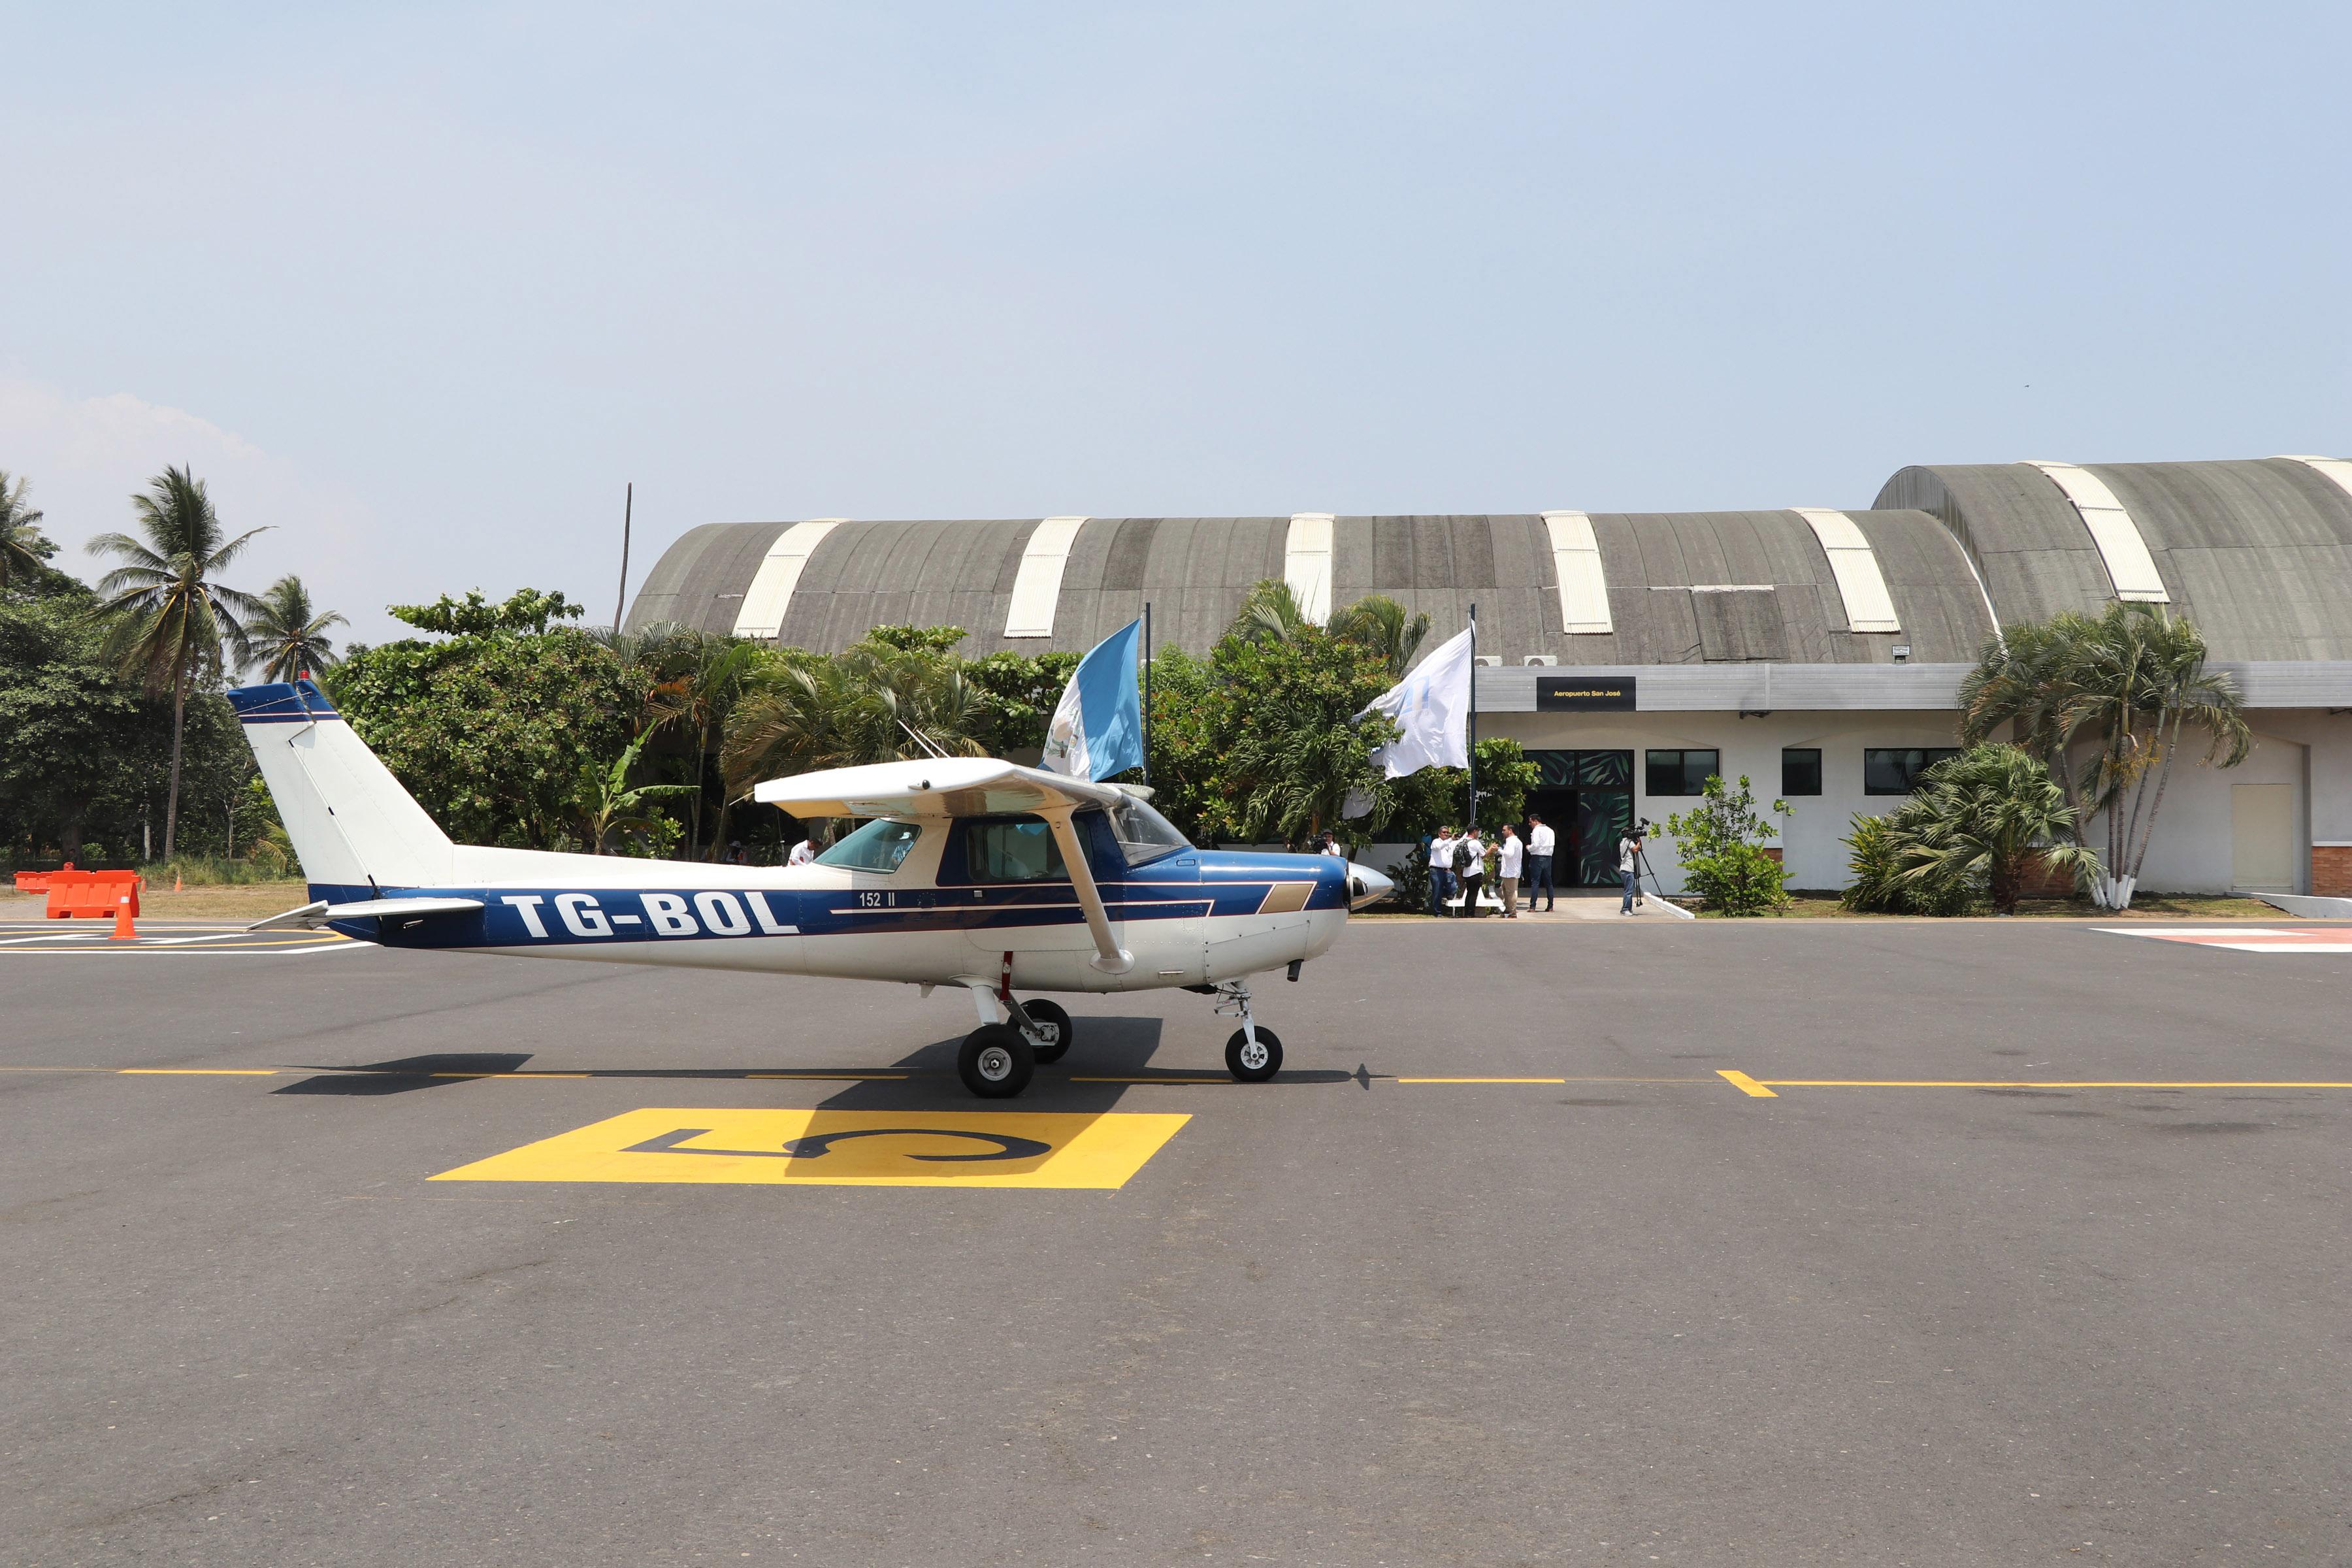 La inversión en los trabajos   en el aeródromo fue de aproximadamente Q500 mil. (Foto Prensa Libre: Carlos Paredes)